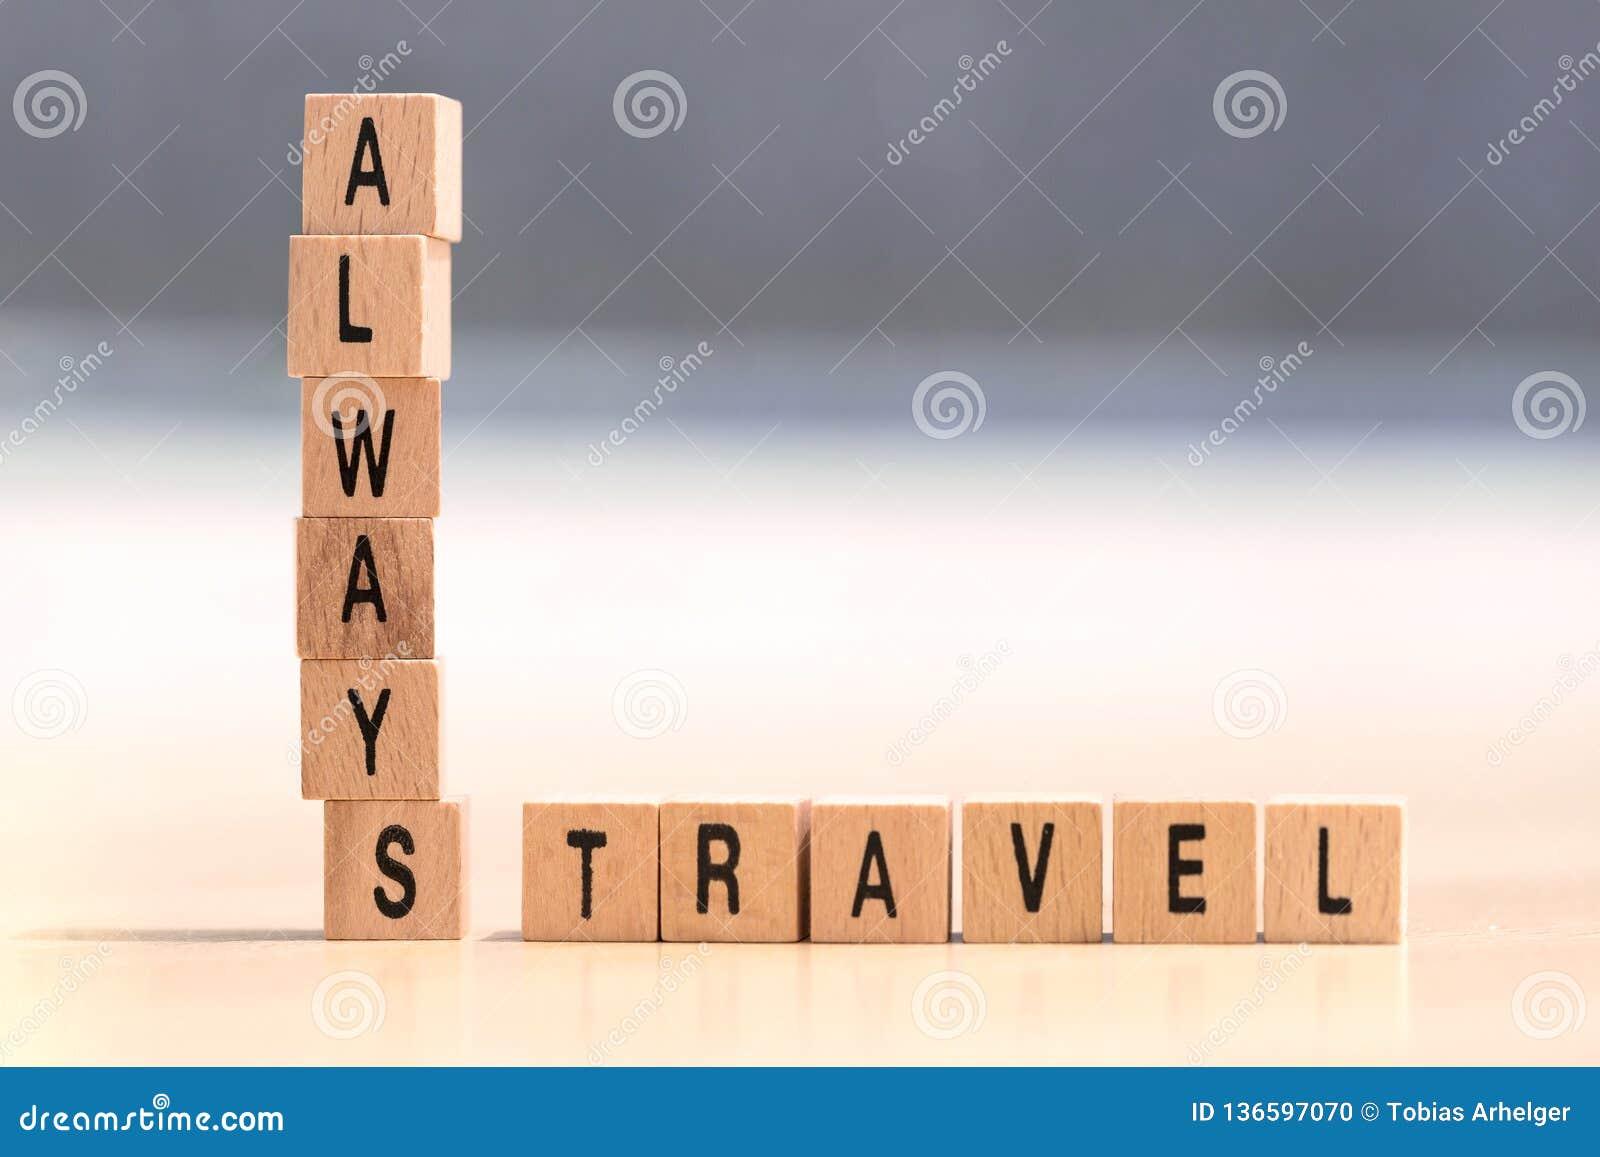 Οι ξύλινοι κύβοι με τις λέξεις ταξιδεύουν πάντα